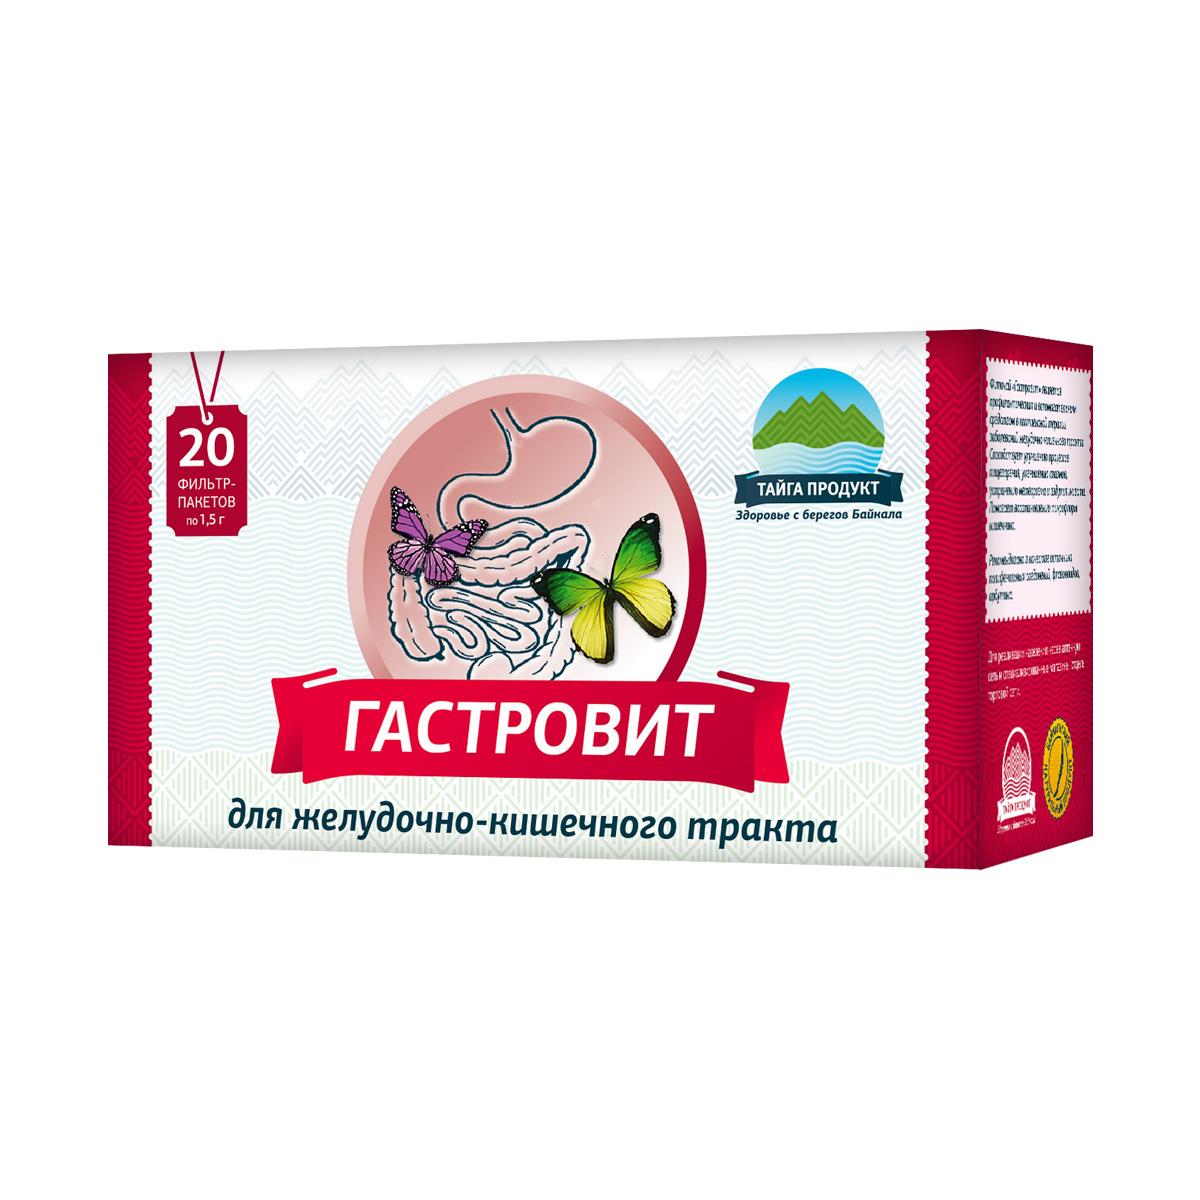 Гастровит - фиточай 20 фильтр-пакетов по 1,5г (ЖКТ)